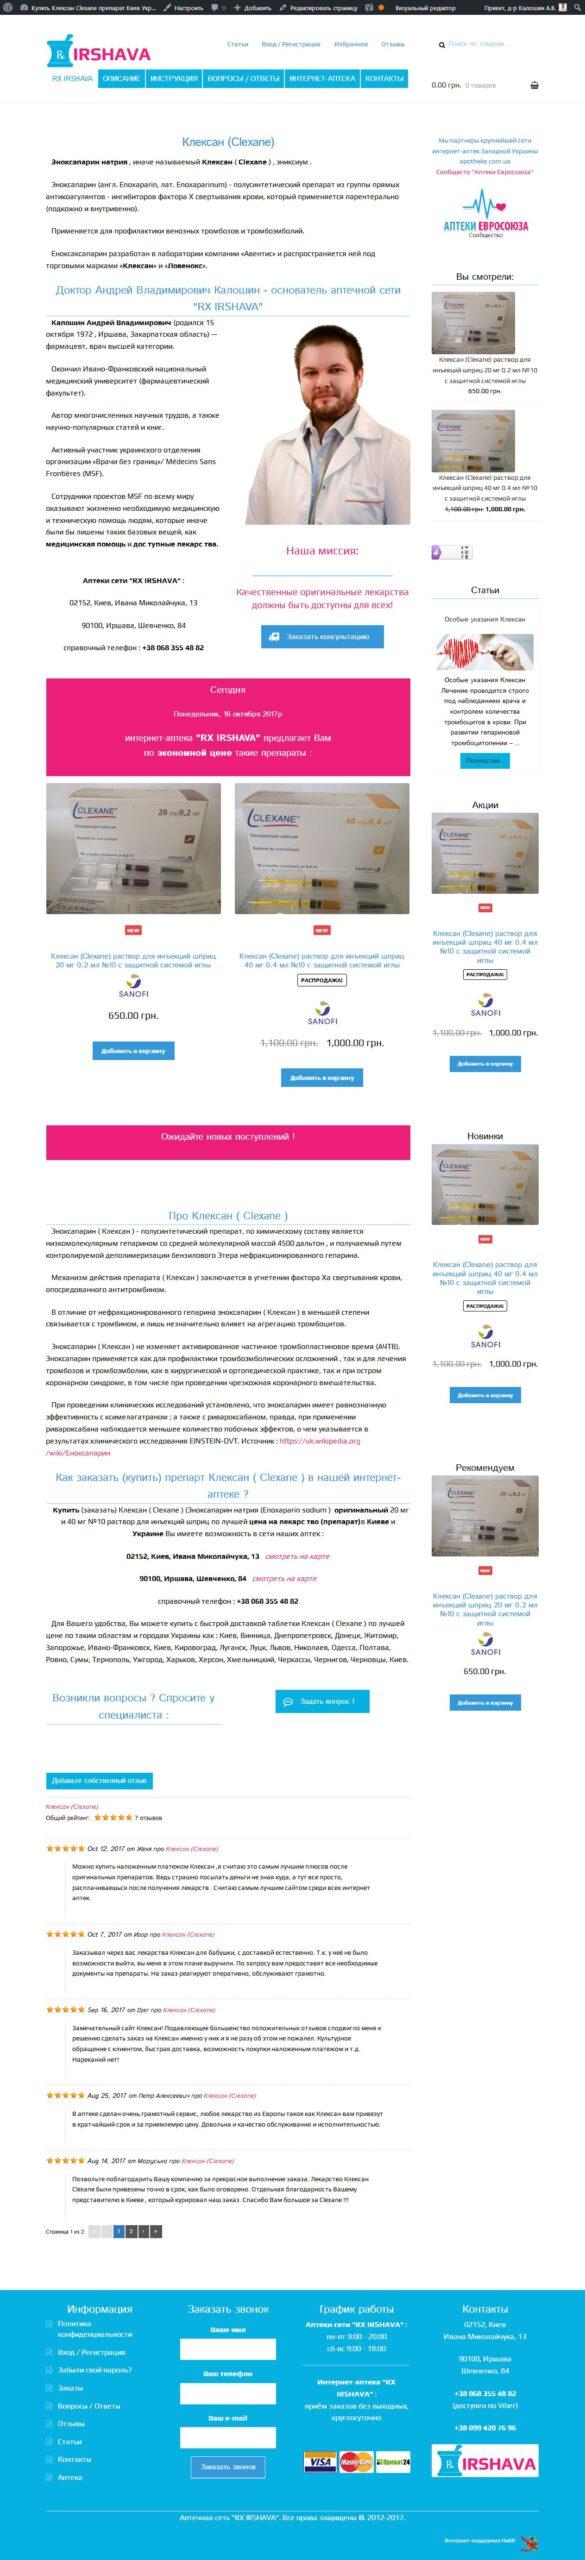 Создание разработка сайта, продвижение, раскрутка сайтов, контекстная реклама. Рекламное агентство интернет маркетинг. Заказать сайт в Хмельницком, seo